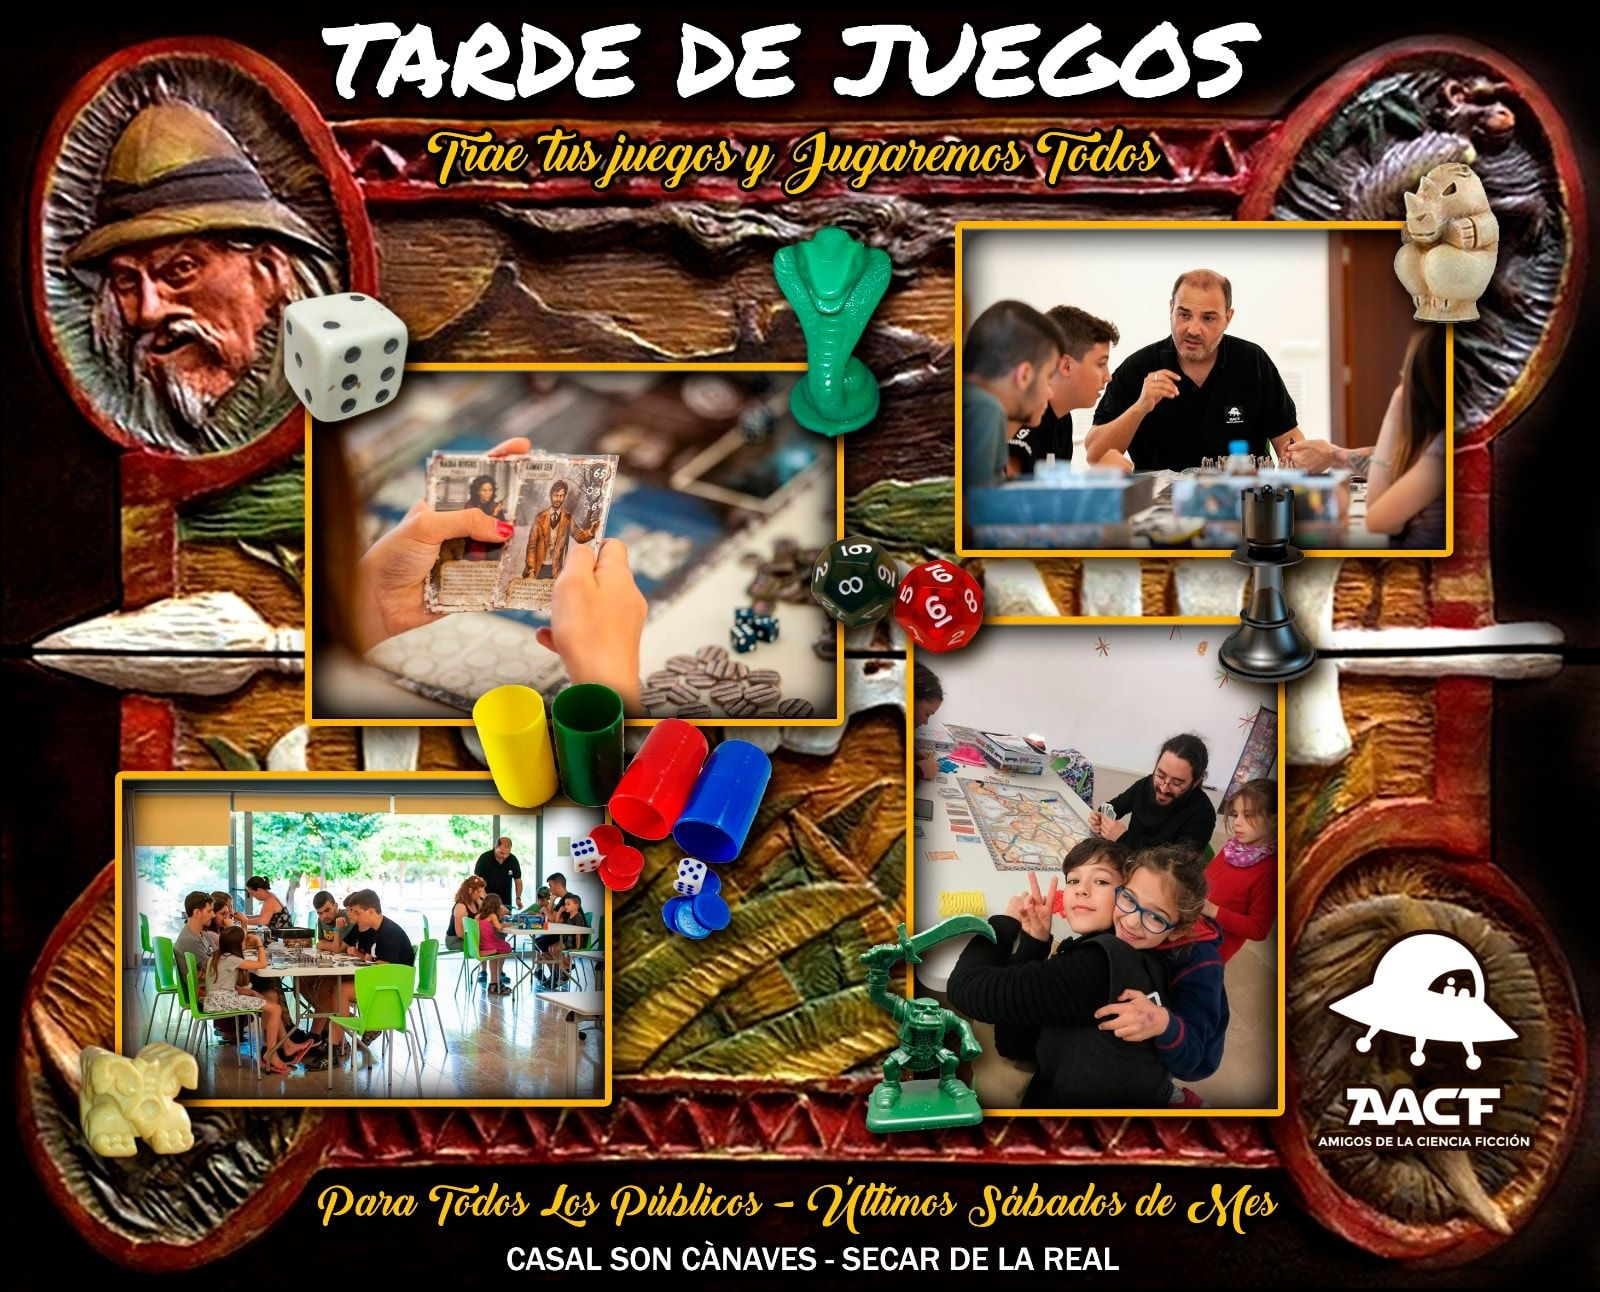 TARDE DE JUEGOS (29/02/20)